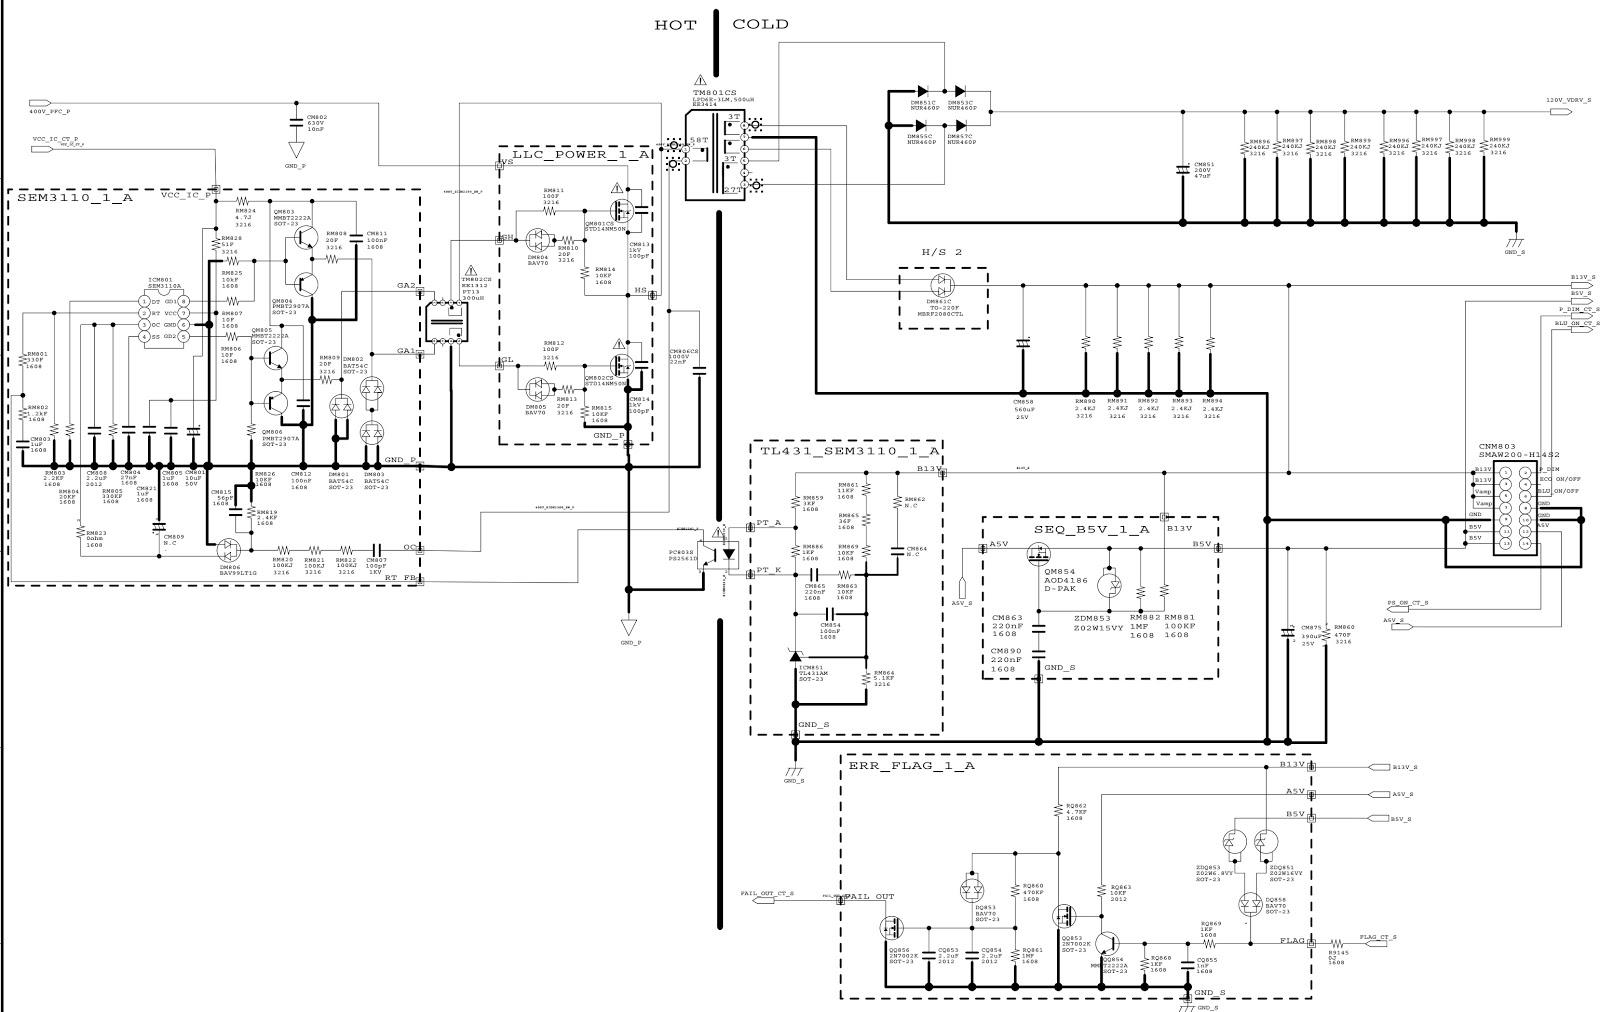 electro help  bn44 00645a - samsung le40r88bd